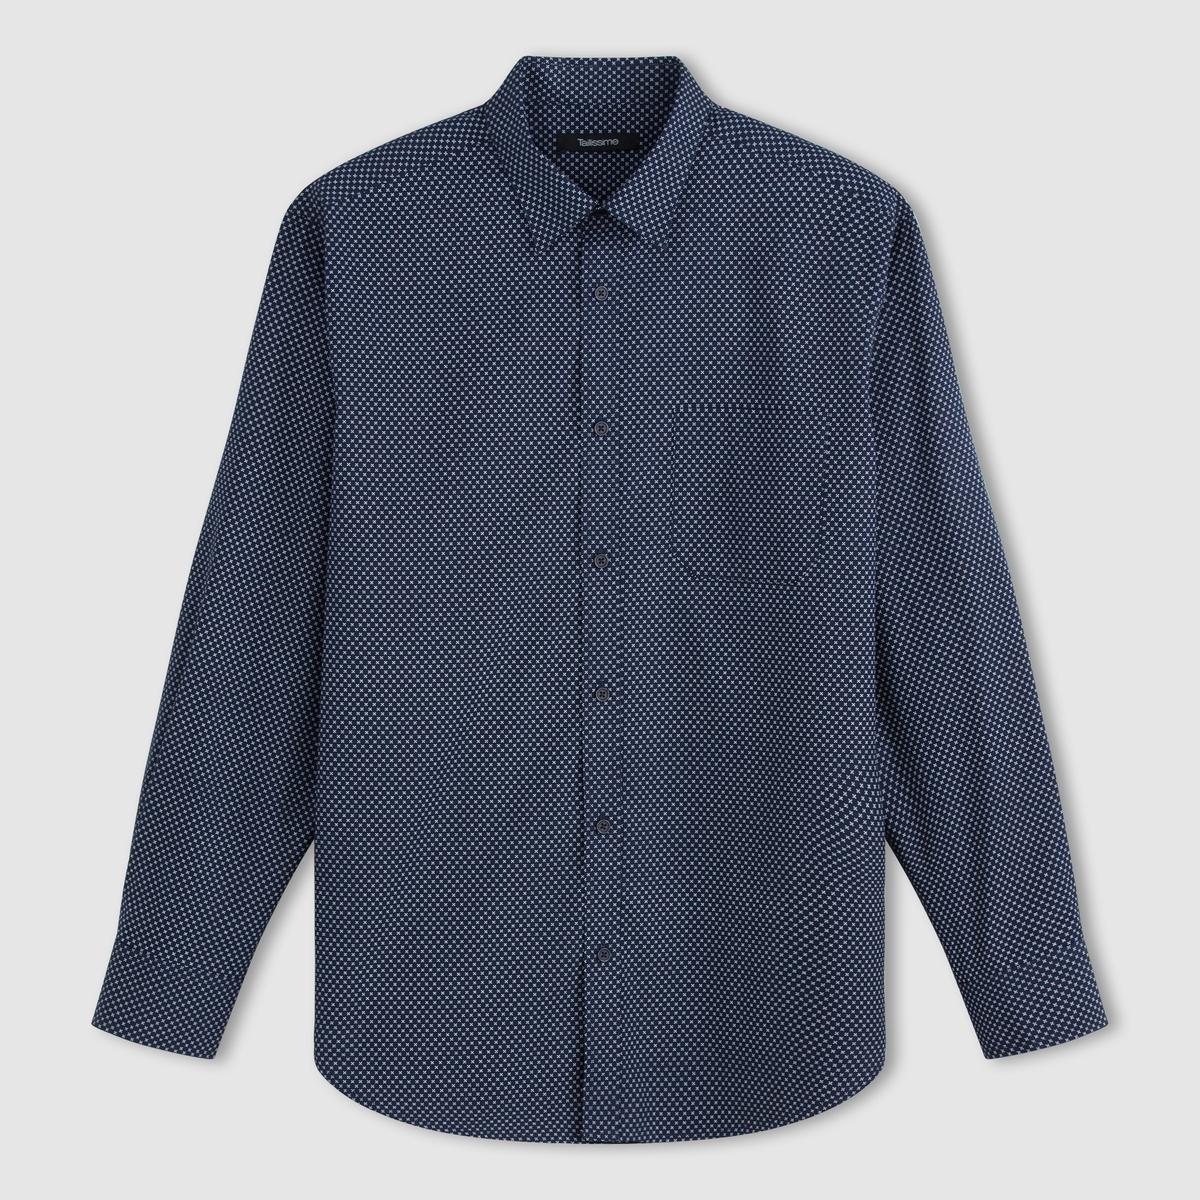 Рубашка с длинными рукавами из поплина с рисункомРубашка. Длинные рукава. 1 накладной нагрудный карман. Складка для большего комфорта сзади. Свободные уголки воротника . Поплин, 100% хлопка. Длина 80 см. Обратите внимание, что бренд Taillissime создан для высоких, крупных мужчин с тенденцией к полноте. Чтобы узнать подходящий вам размер, сверьтесь с таблицей больших размеров на сайте.<br><br>Цвет: рисунок темно-синий<br>Размер: 41/42